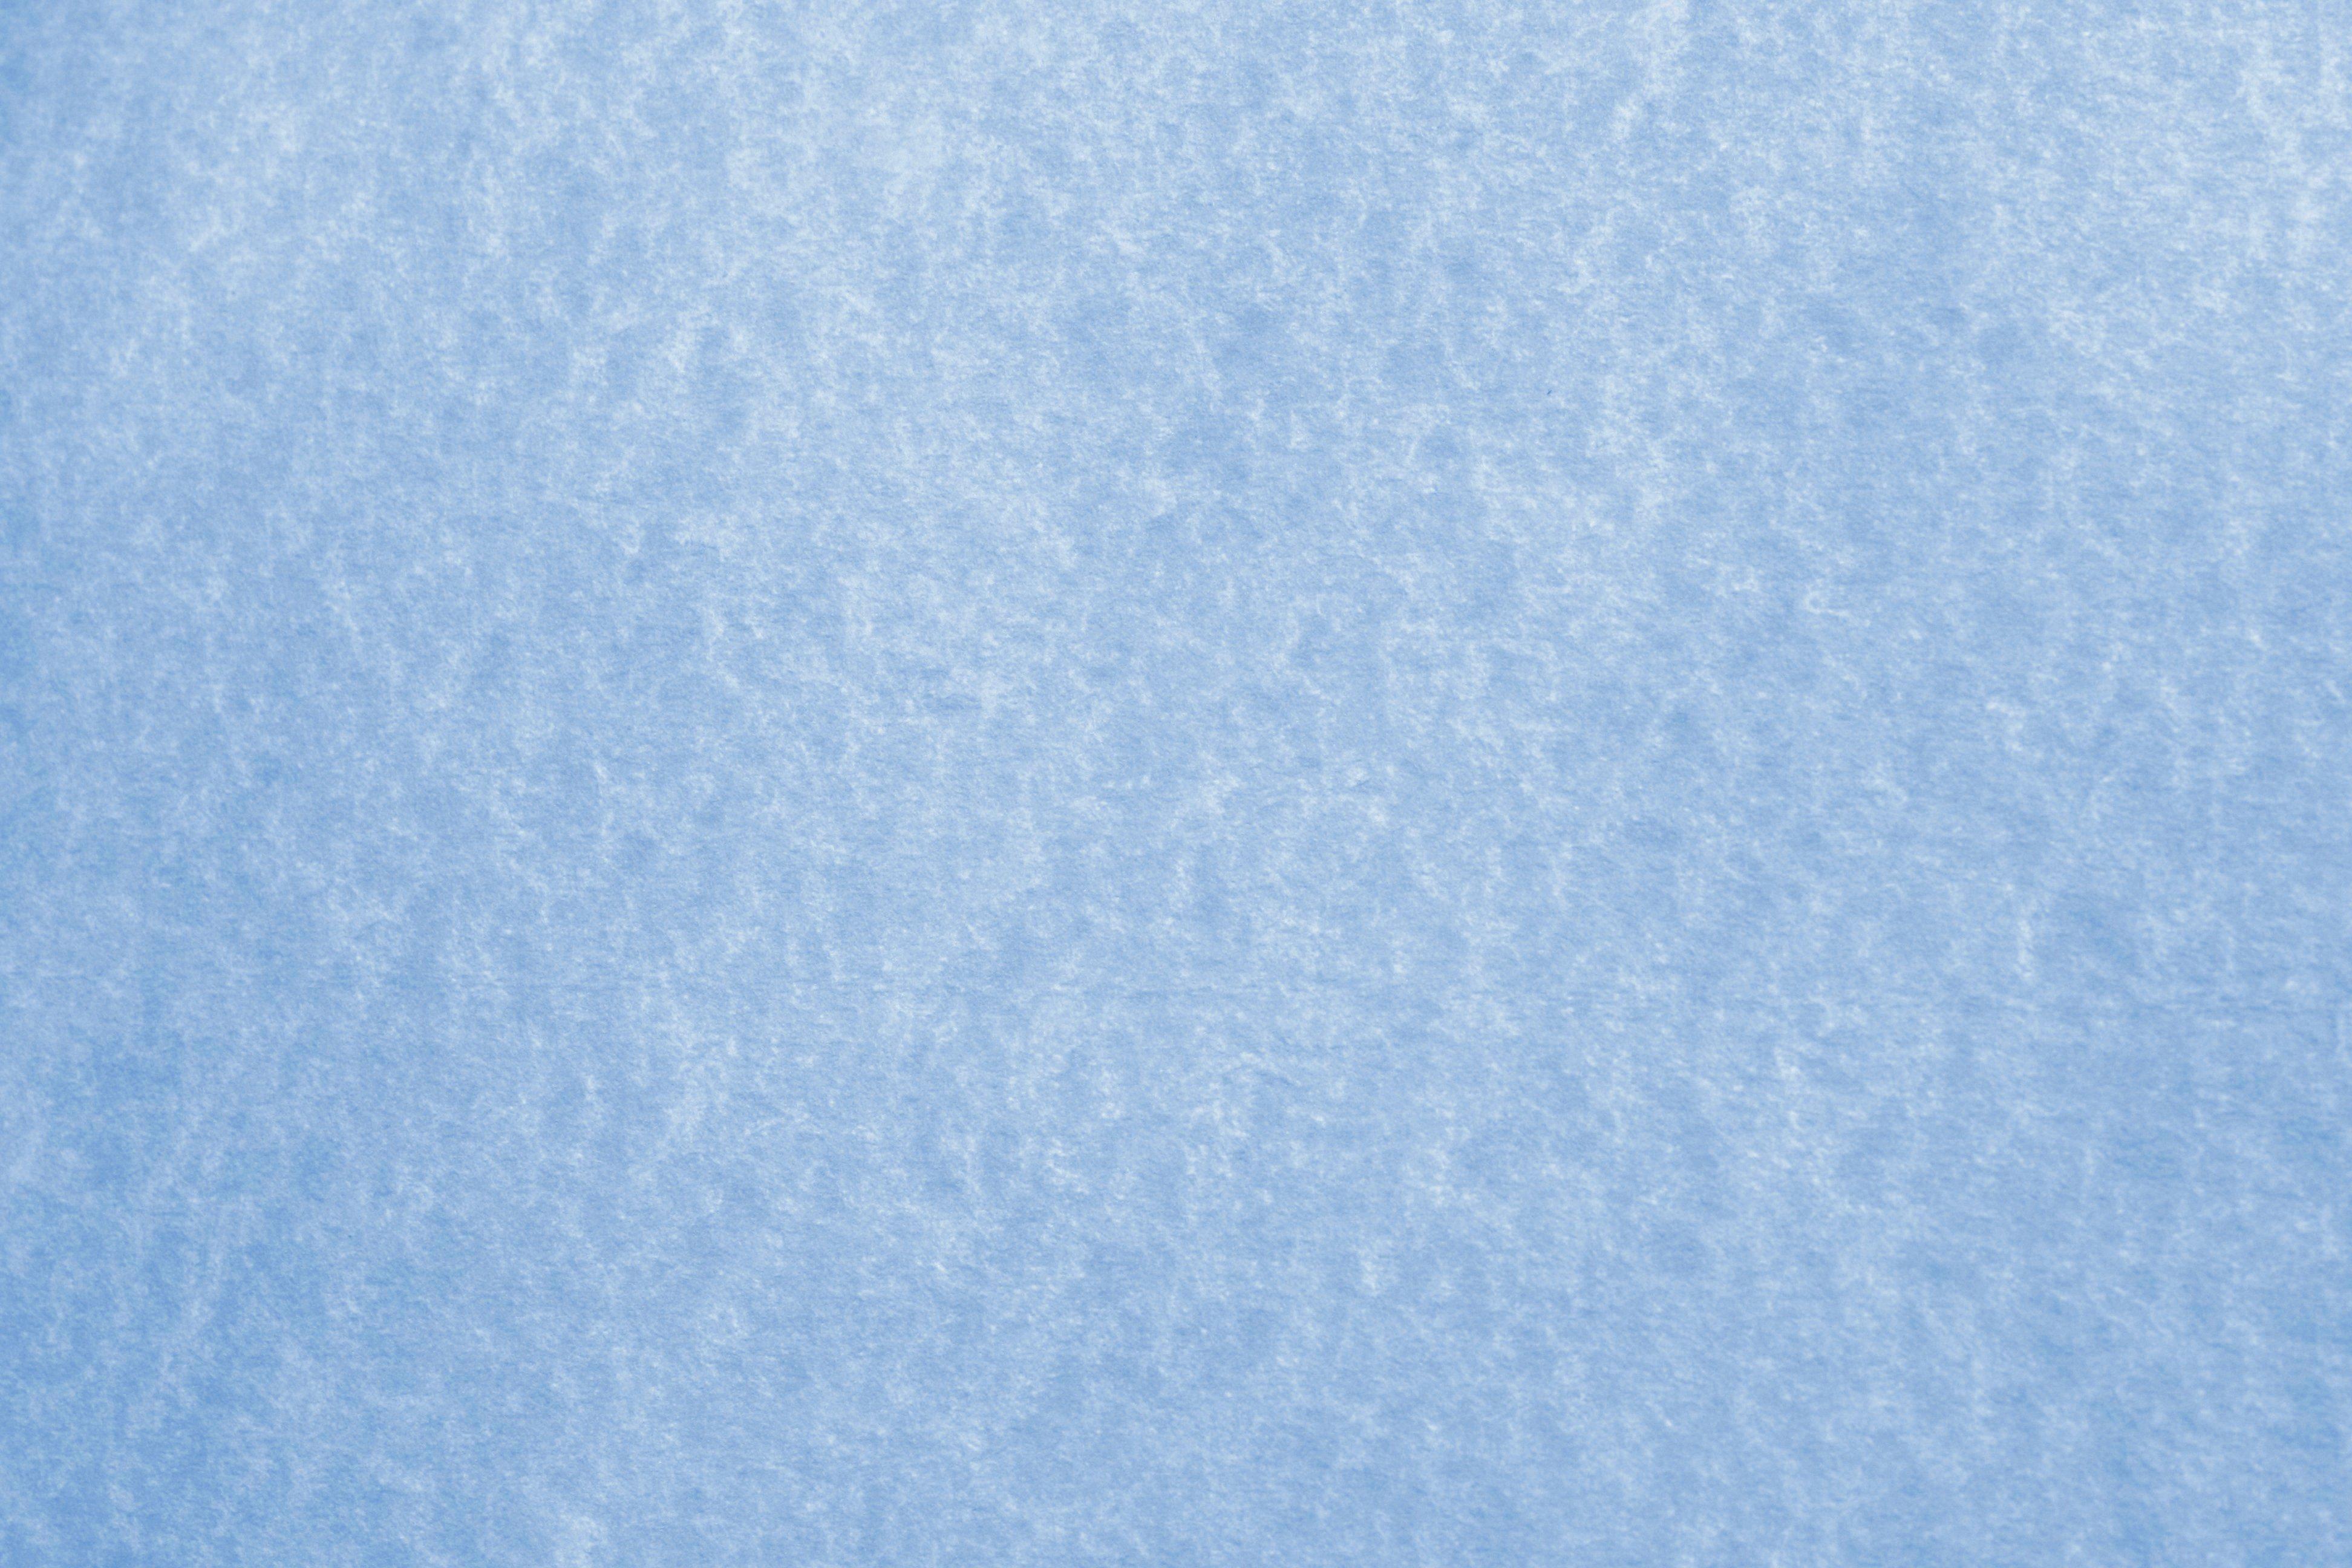 blue parchment paper texture picture free photograph photos